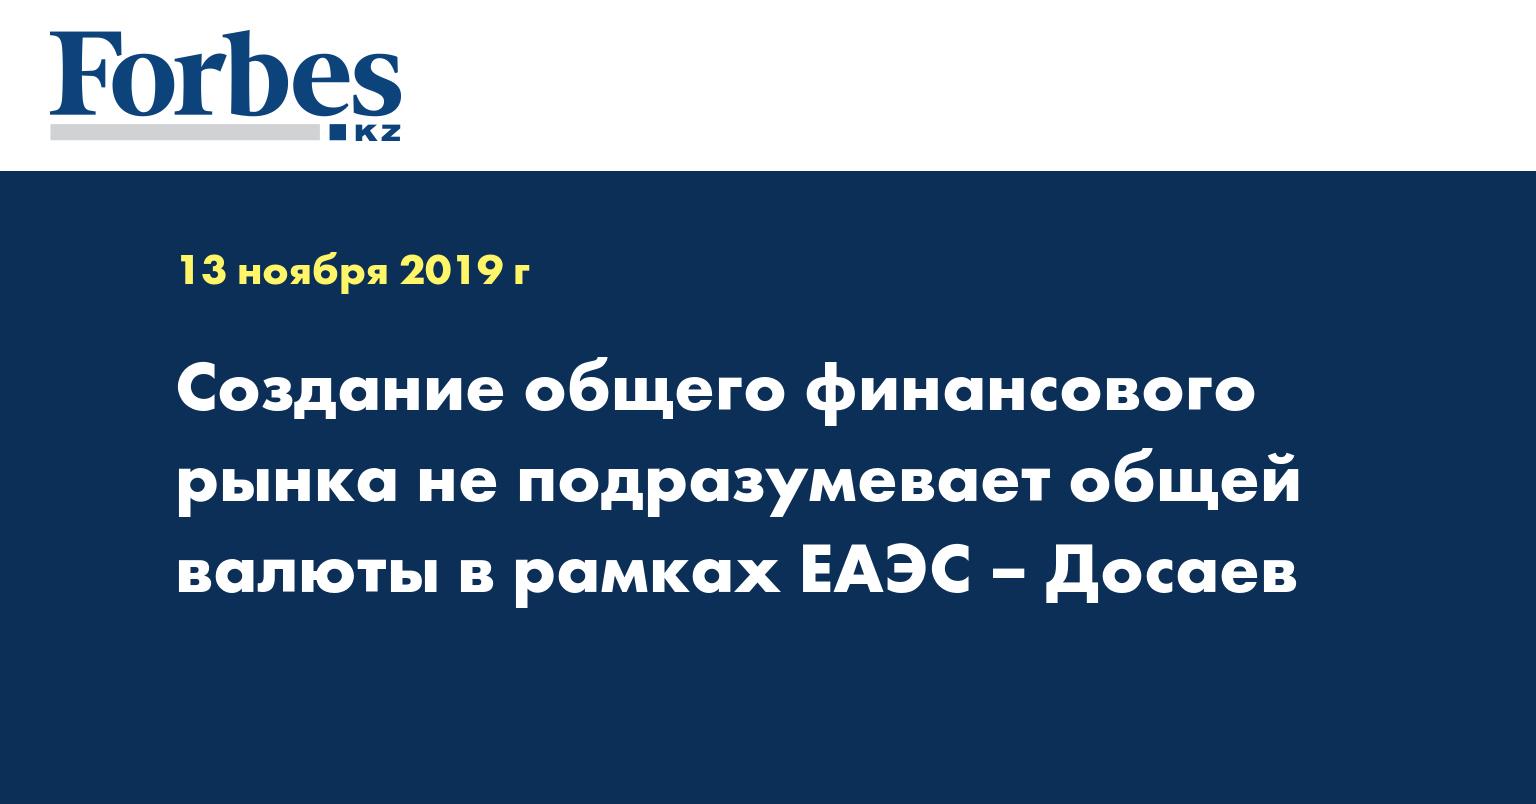 Создание общего финансового рынка не подразумевает общей валюты в рамках ЕАЭС – Досаев